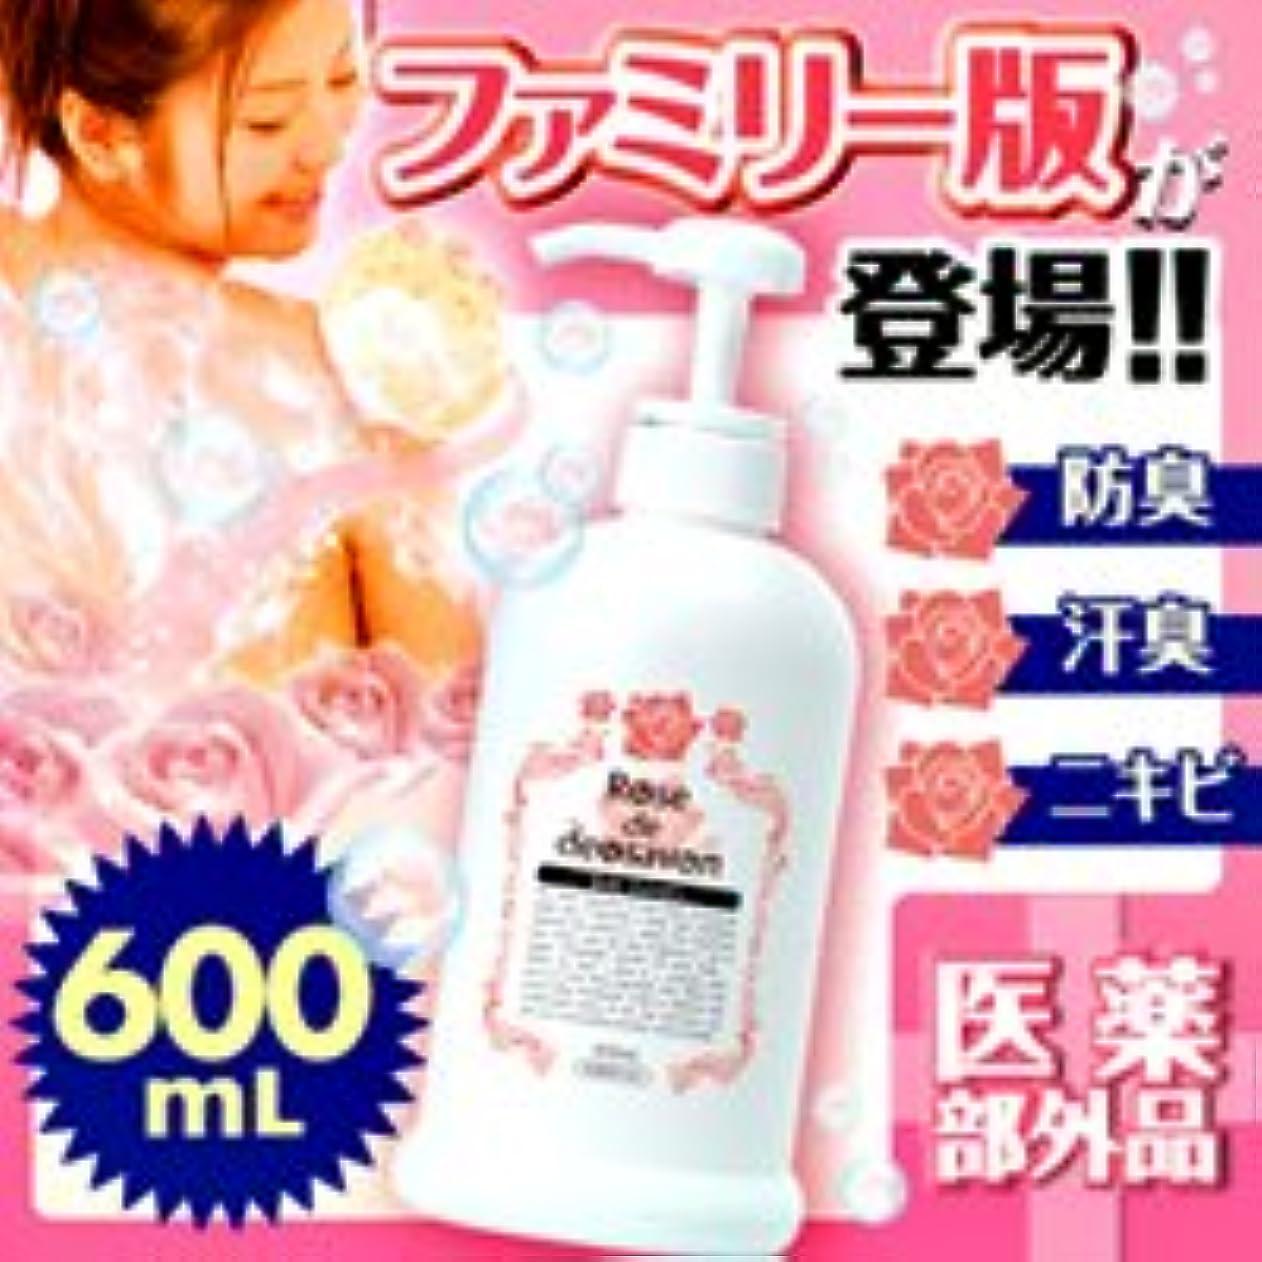 不平を言う奇跡的な多分ローズドデオシャボン 増量版600ml ※体臭や加齢臭対策に大人気!ファミリー版新登場です!